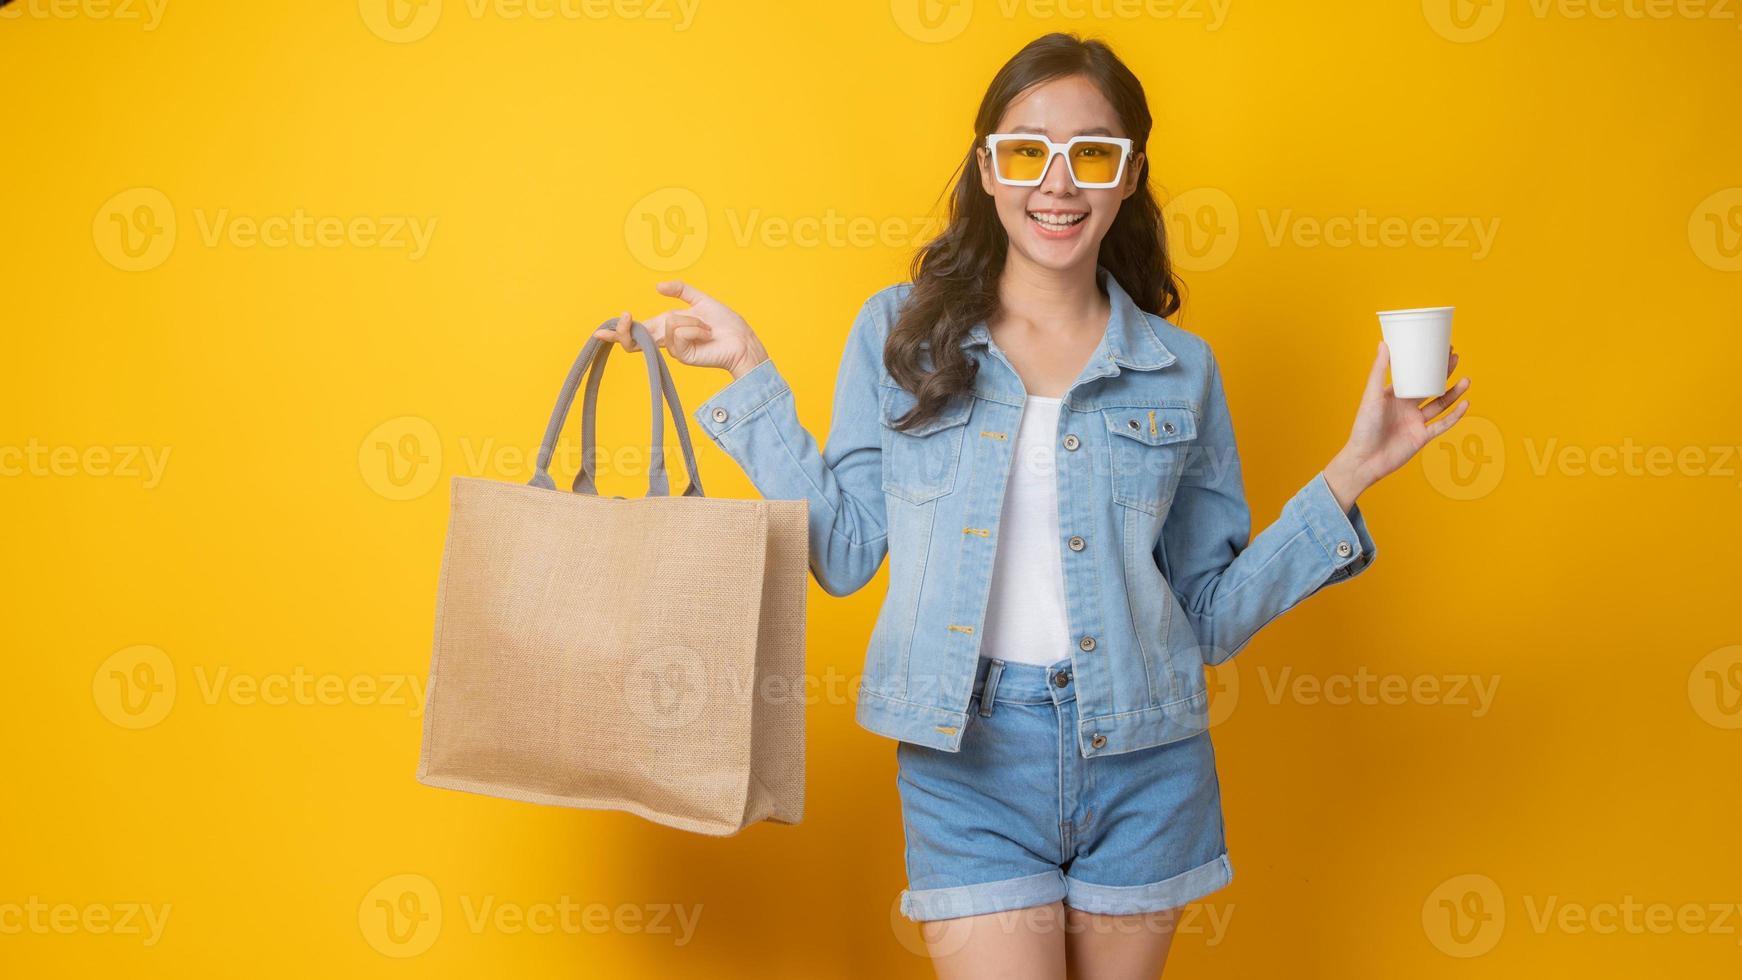 Mujer asiática sosteniendo una bolsa de papel y un vaso de papel blanco sobre fondo amarillo foto